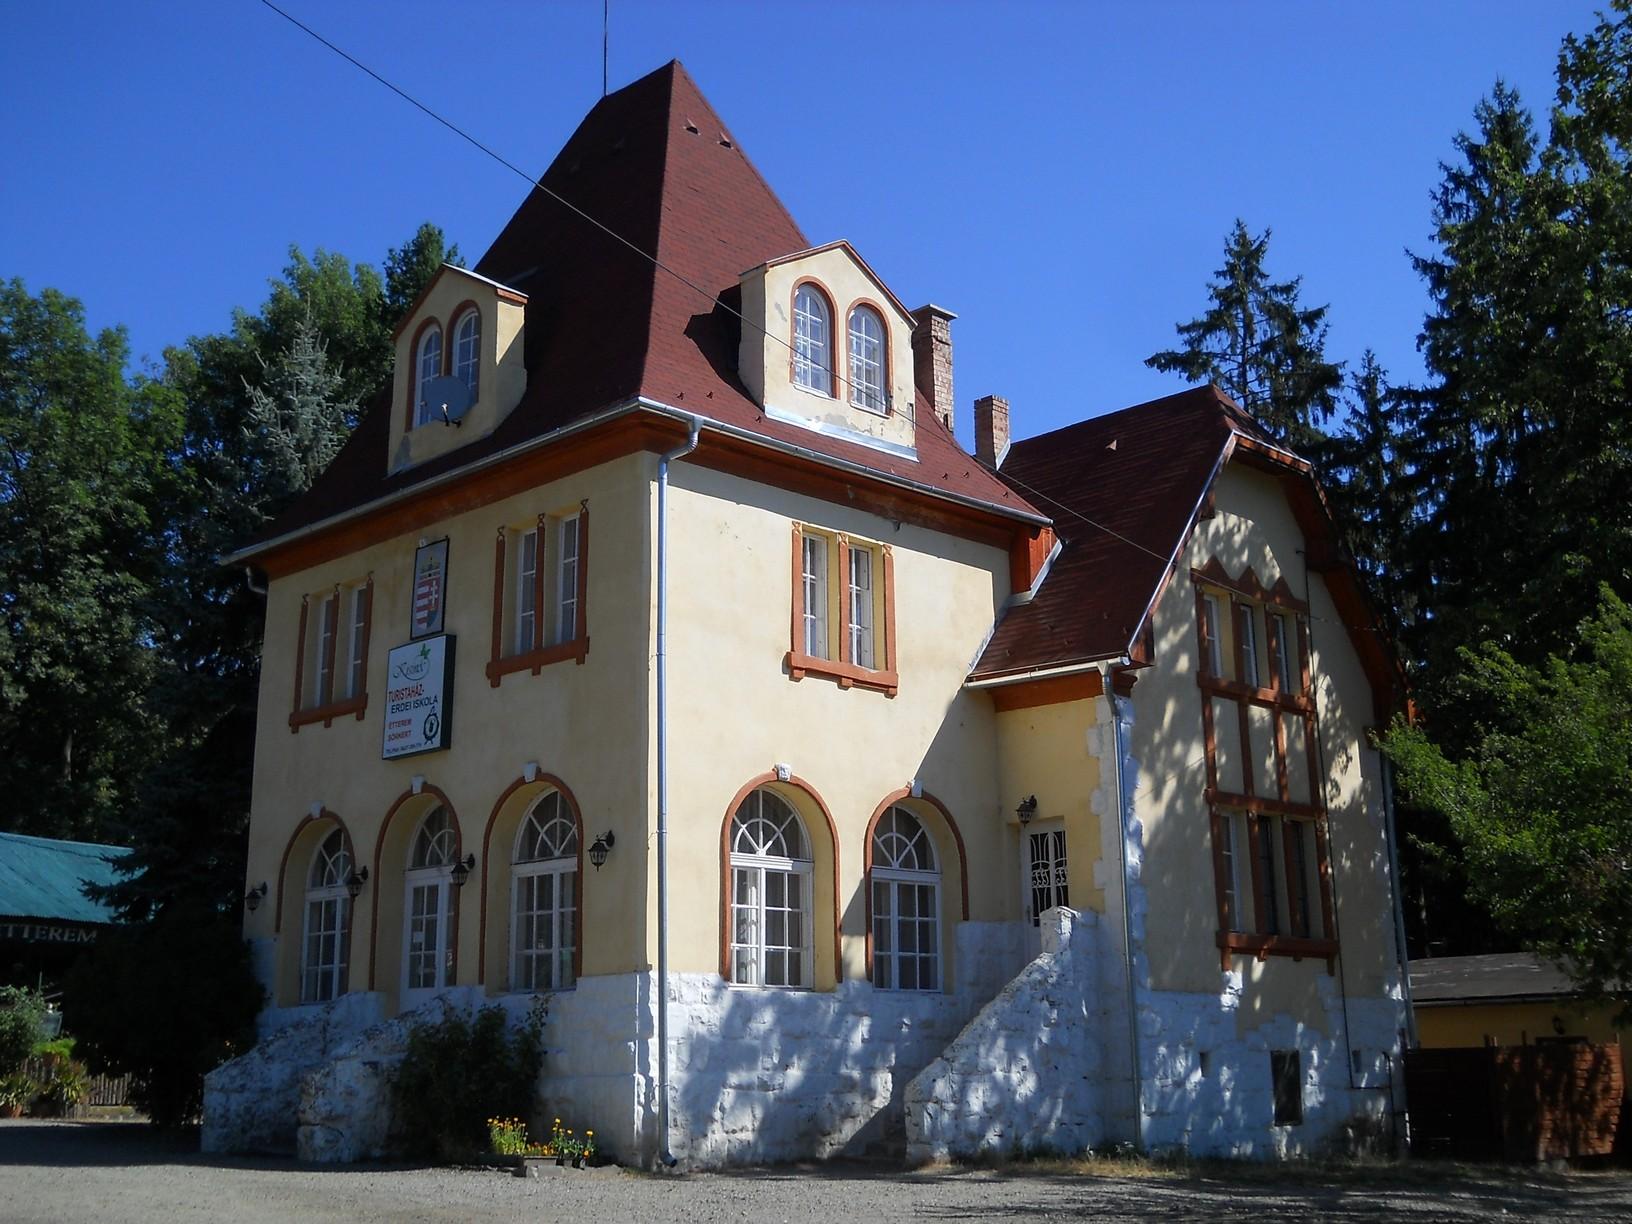 A kisinóci turistaház, OKT-pecsételőhely